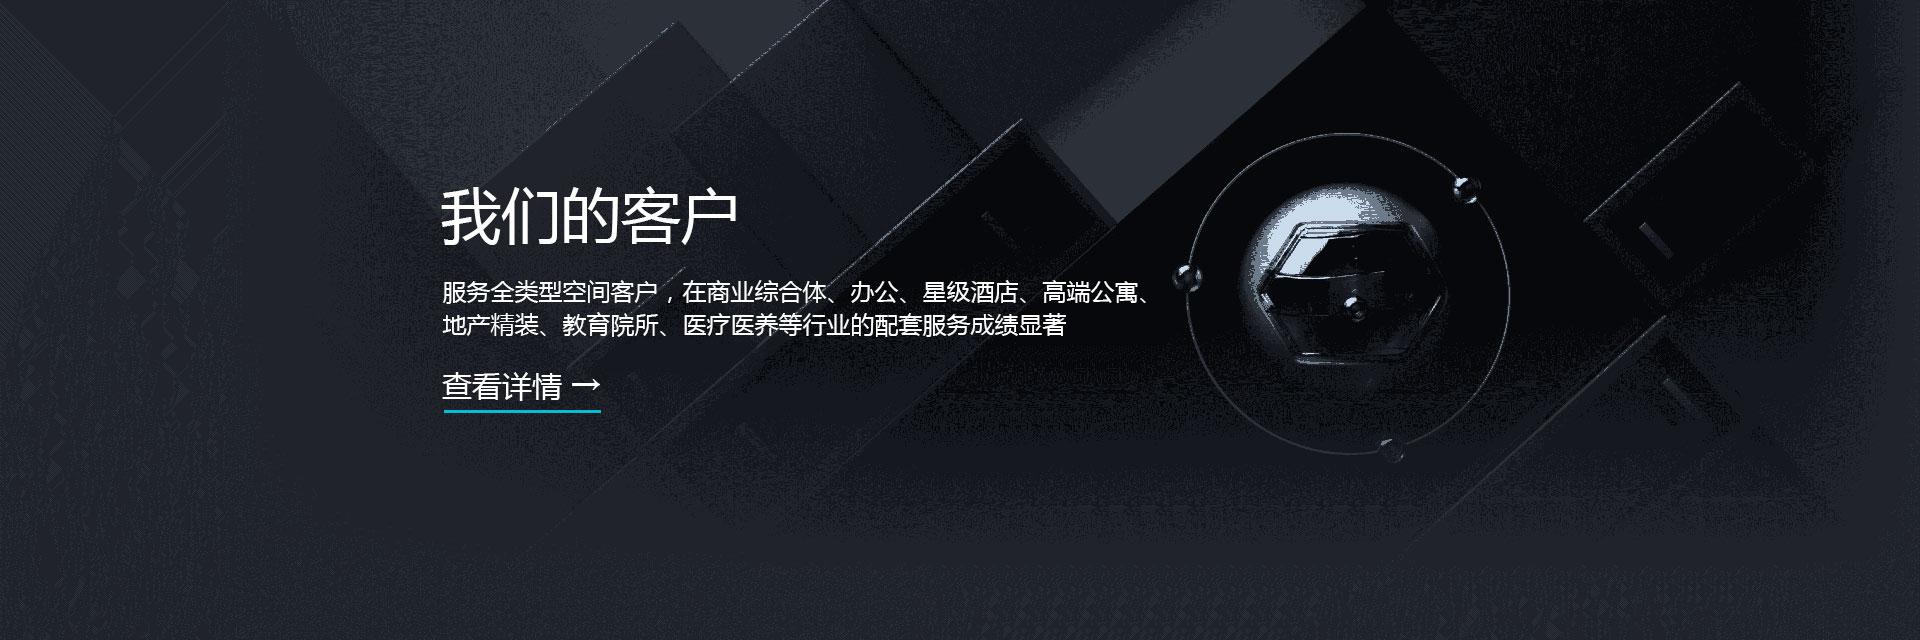 装修案例图_装修案例-上海品源装修公司